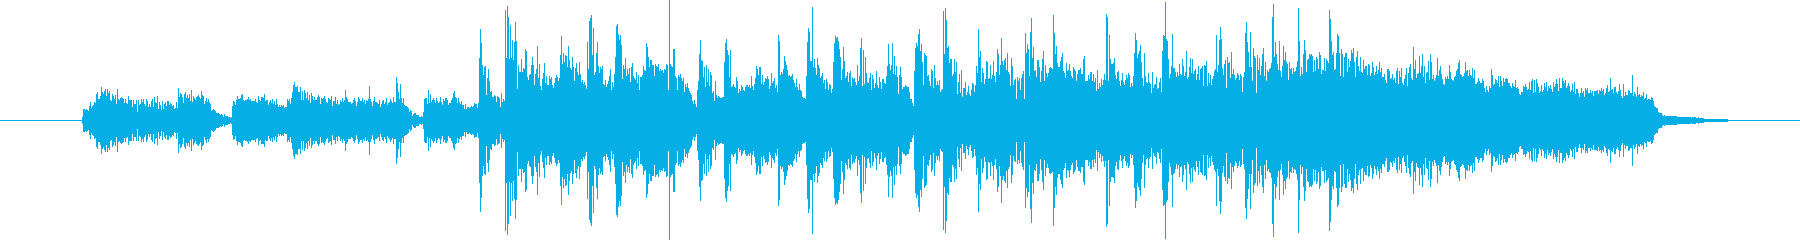 リゾート感あるボサノバポップの再生済みの波形